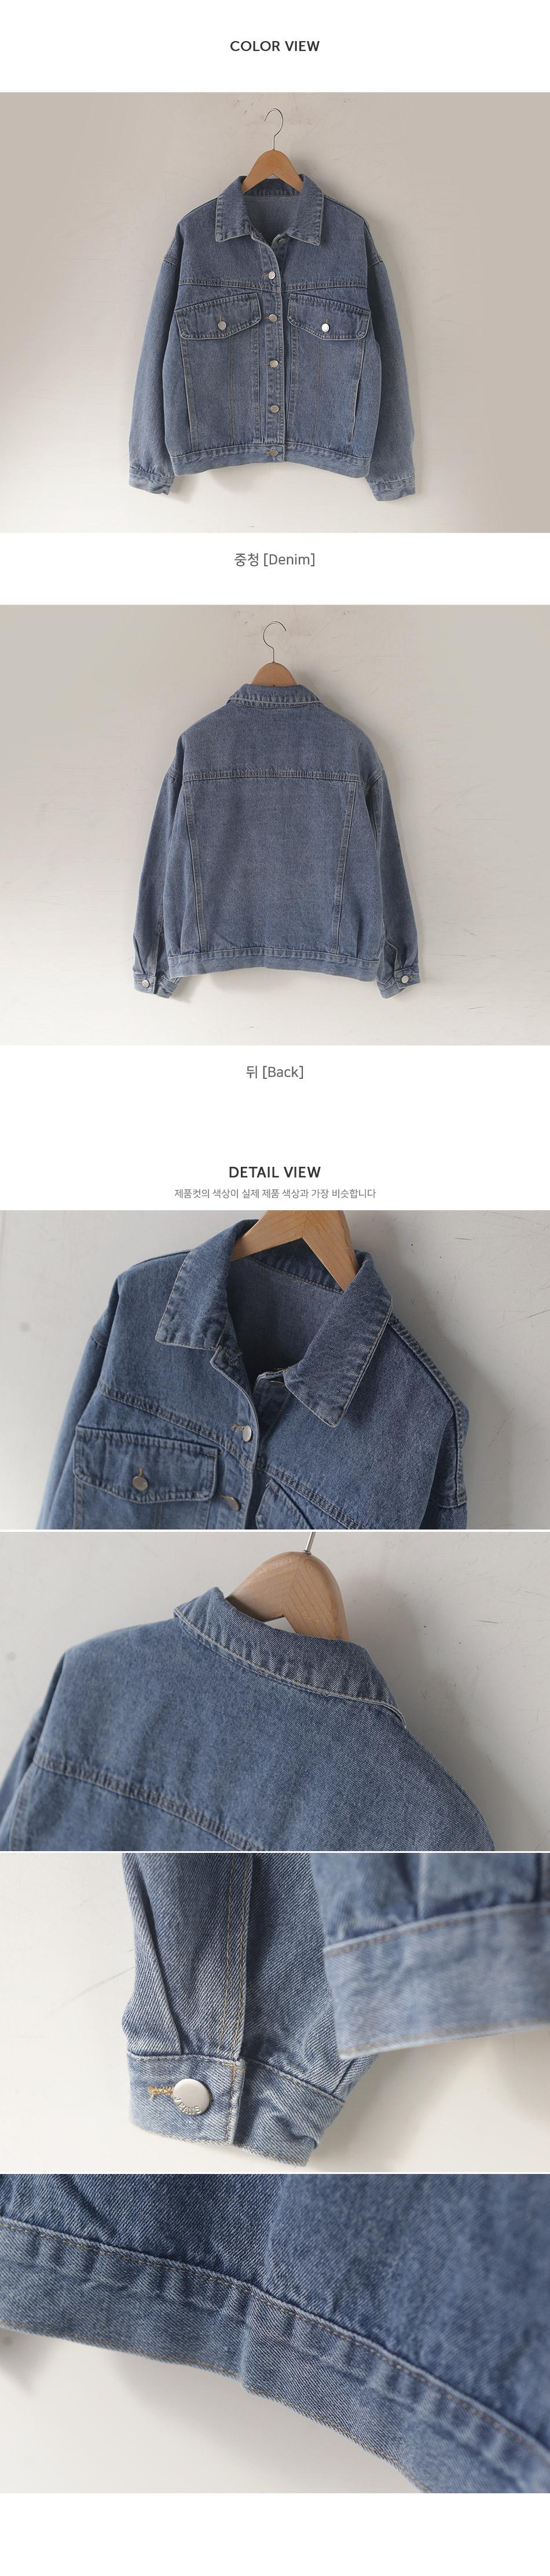 One more basic denim jacket